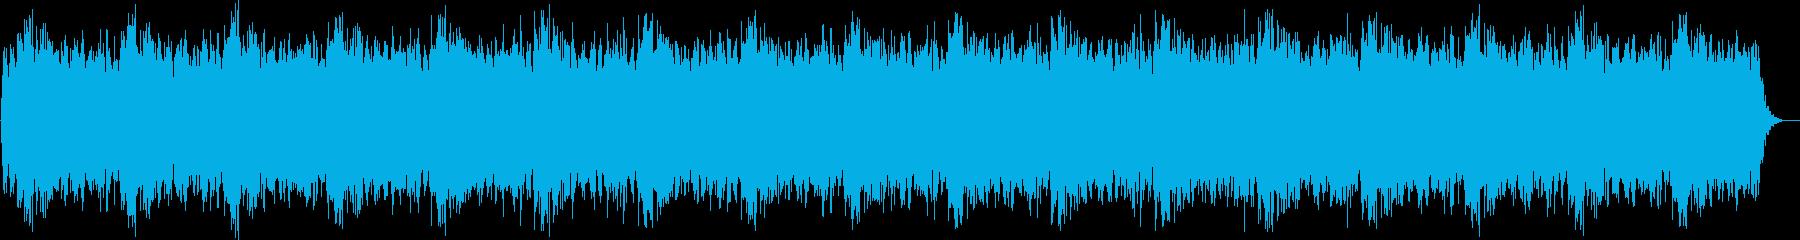 ダークなエクスペリメンタルミュージックの再生済みの波形